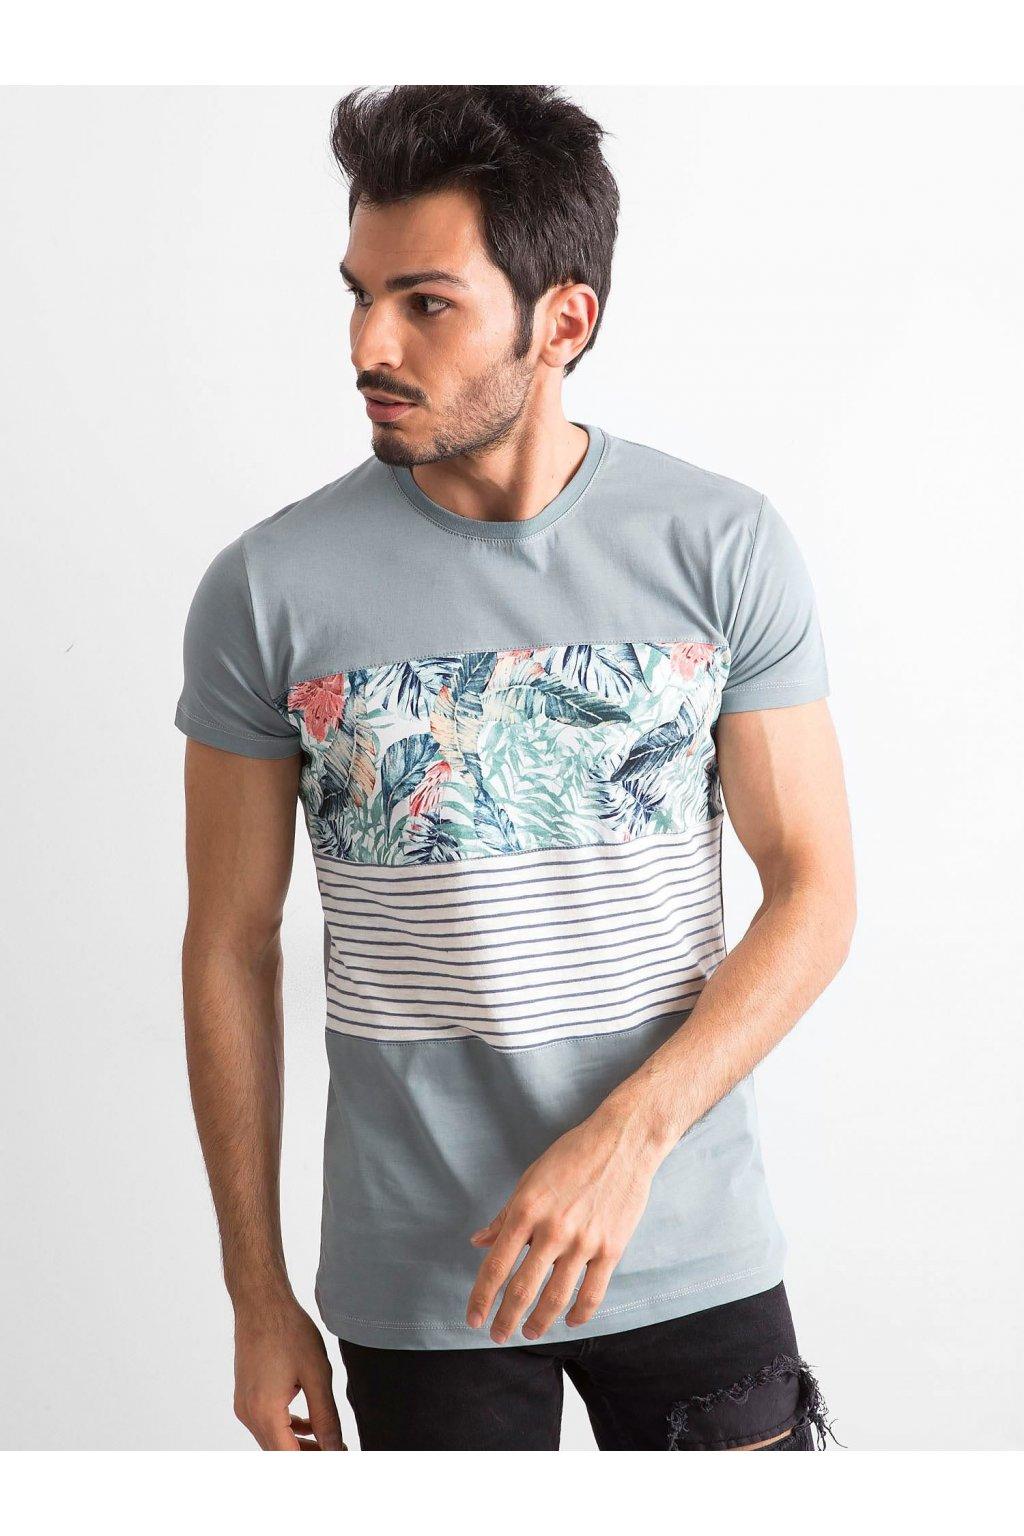 Tričko t-shirt kód M019Y03060407